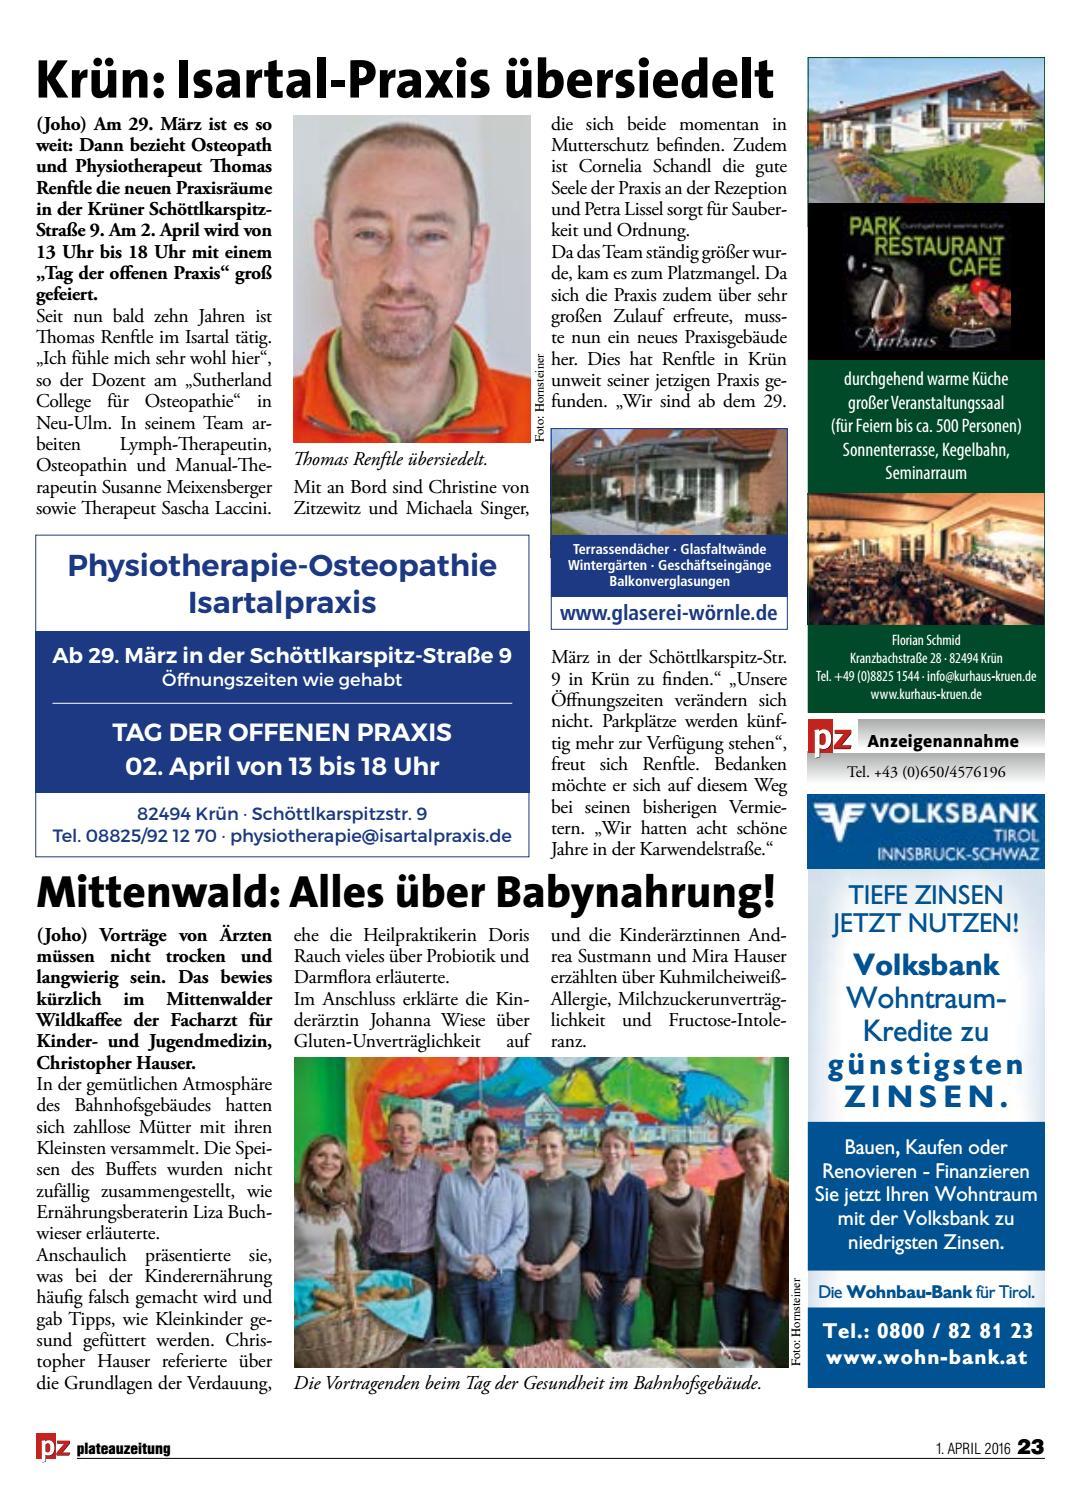 Pz 4 16 gesamt by Plateauzeitung Medien gmbh - issuu